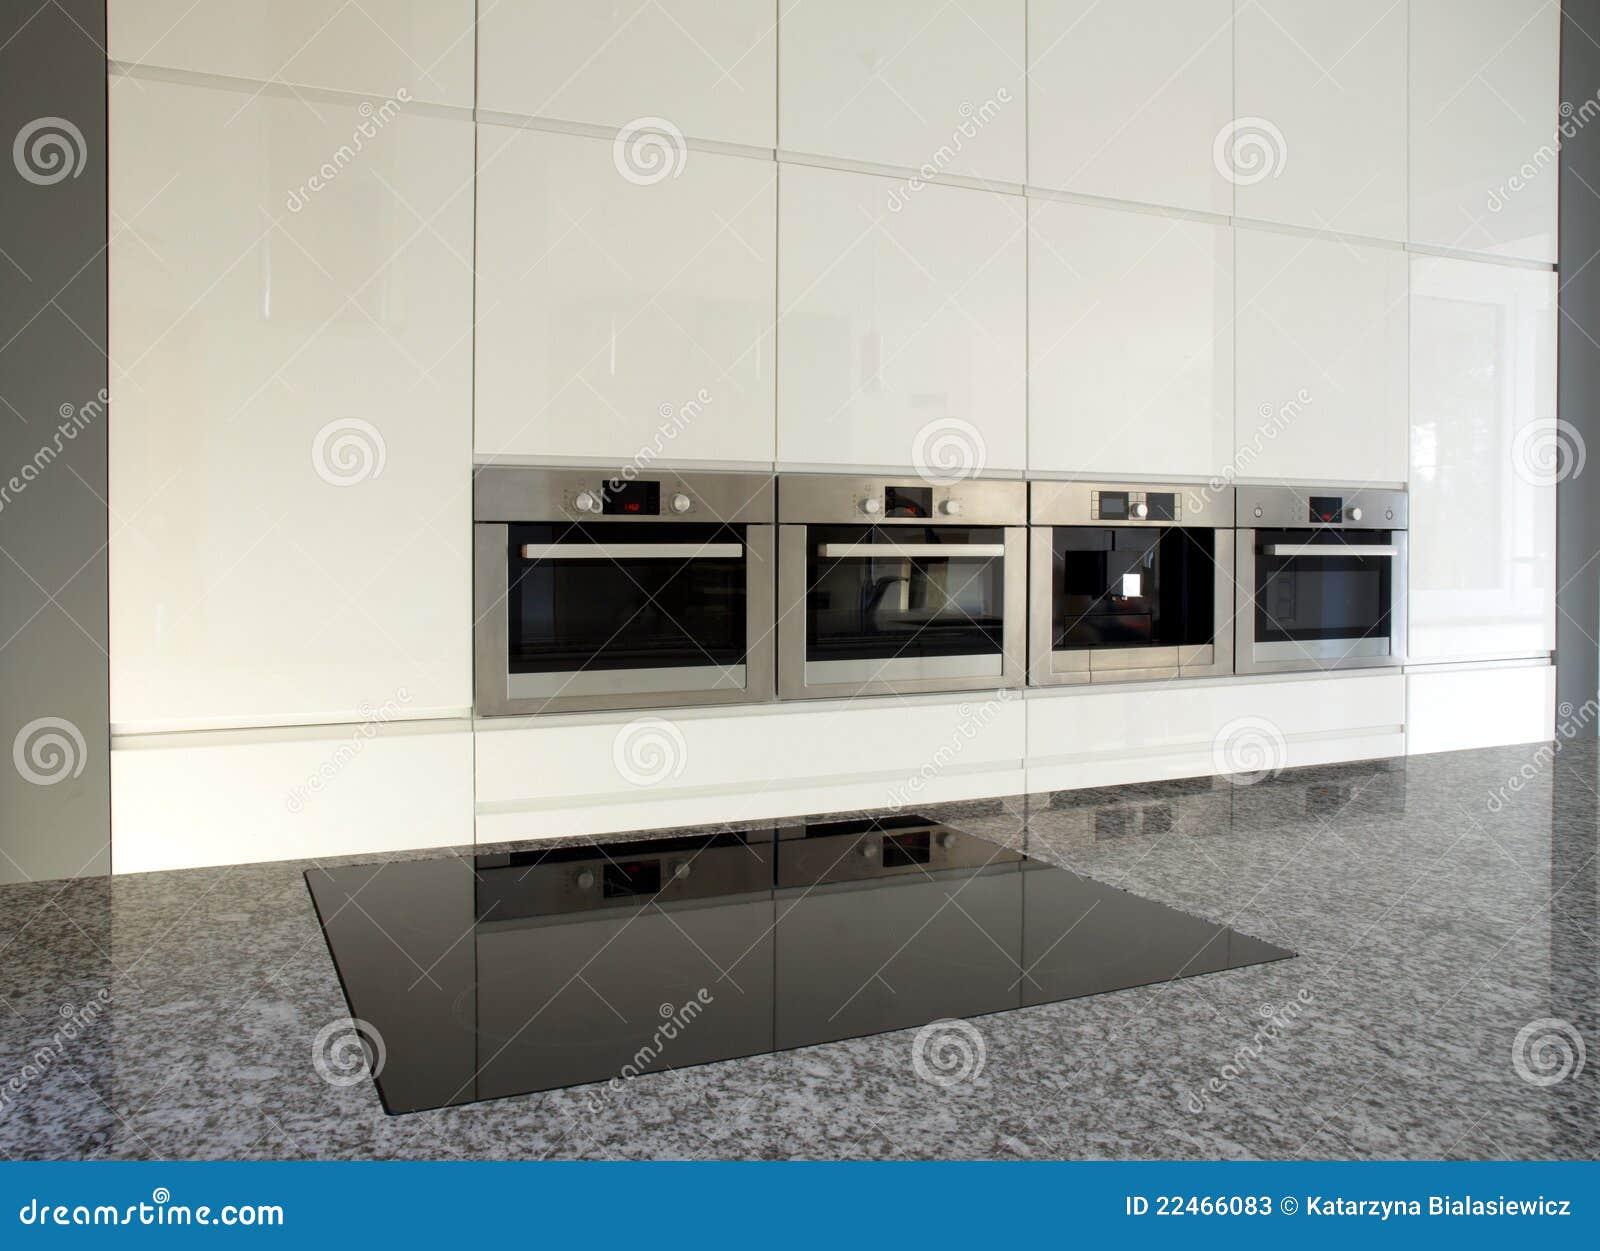 Minimalistische witte keuken royalty vrije stock afbeelding ...